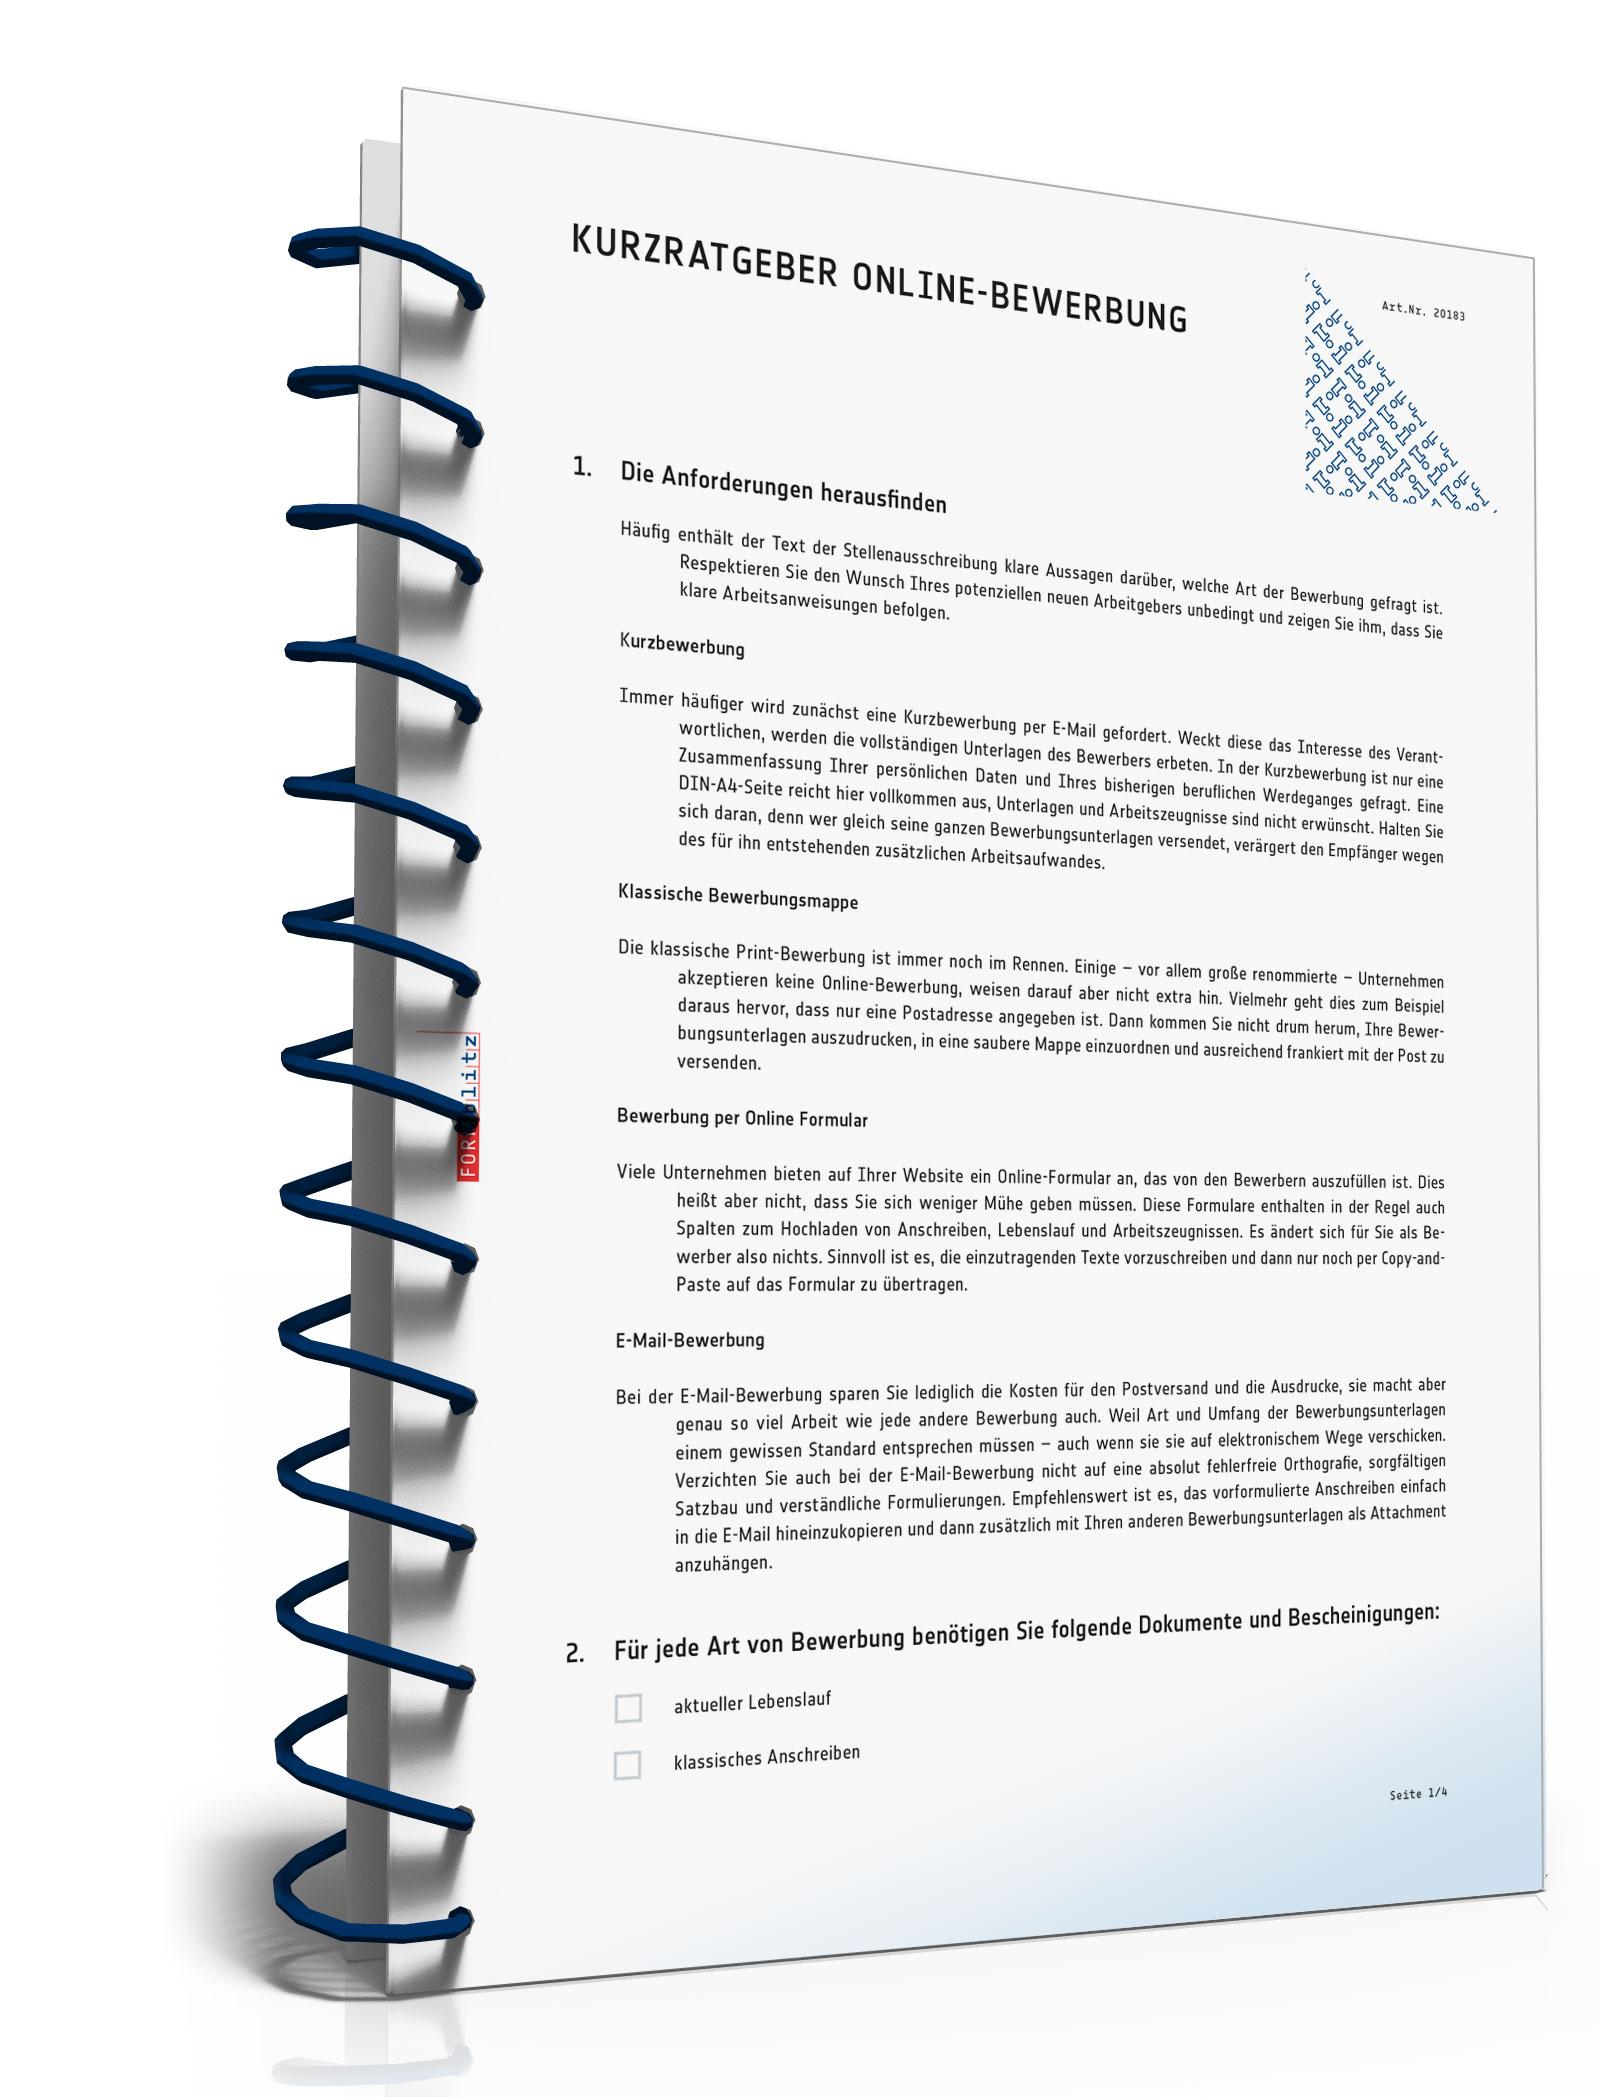 Kurz-Ratgeber Online-Bewerbung [PDF Download] [Download]